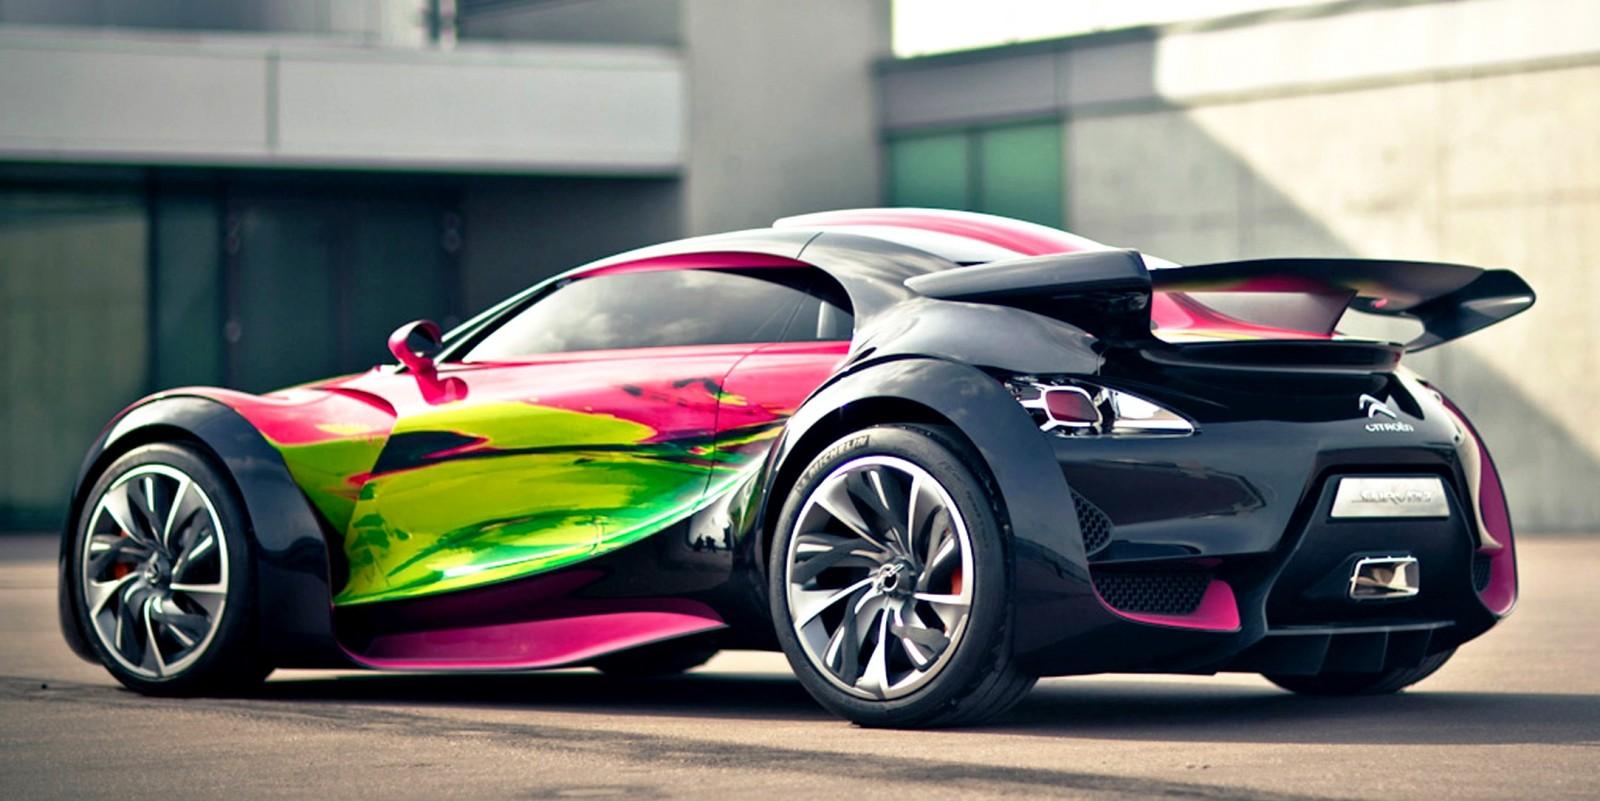 Concept Flashback - 2010 Citroen Survolt 28